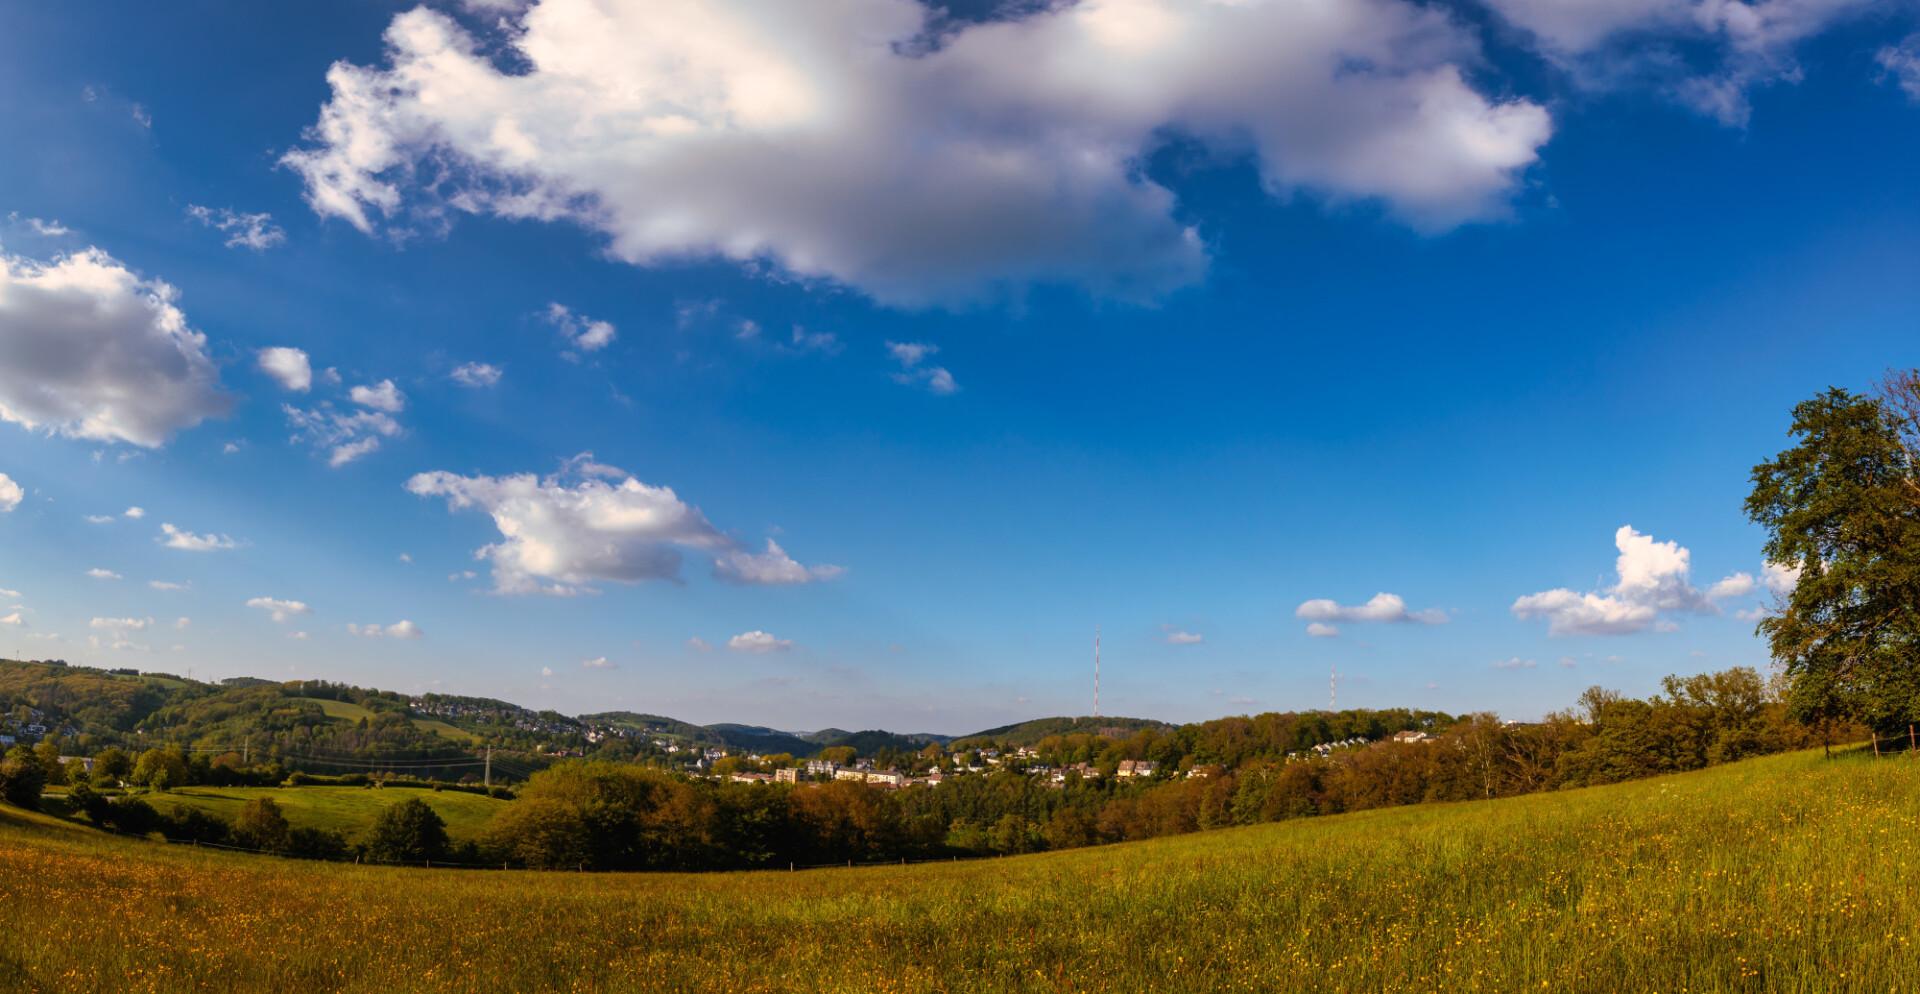 velbert langenberg rural landscape